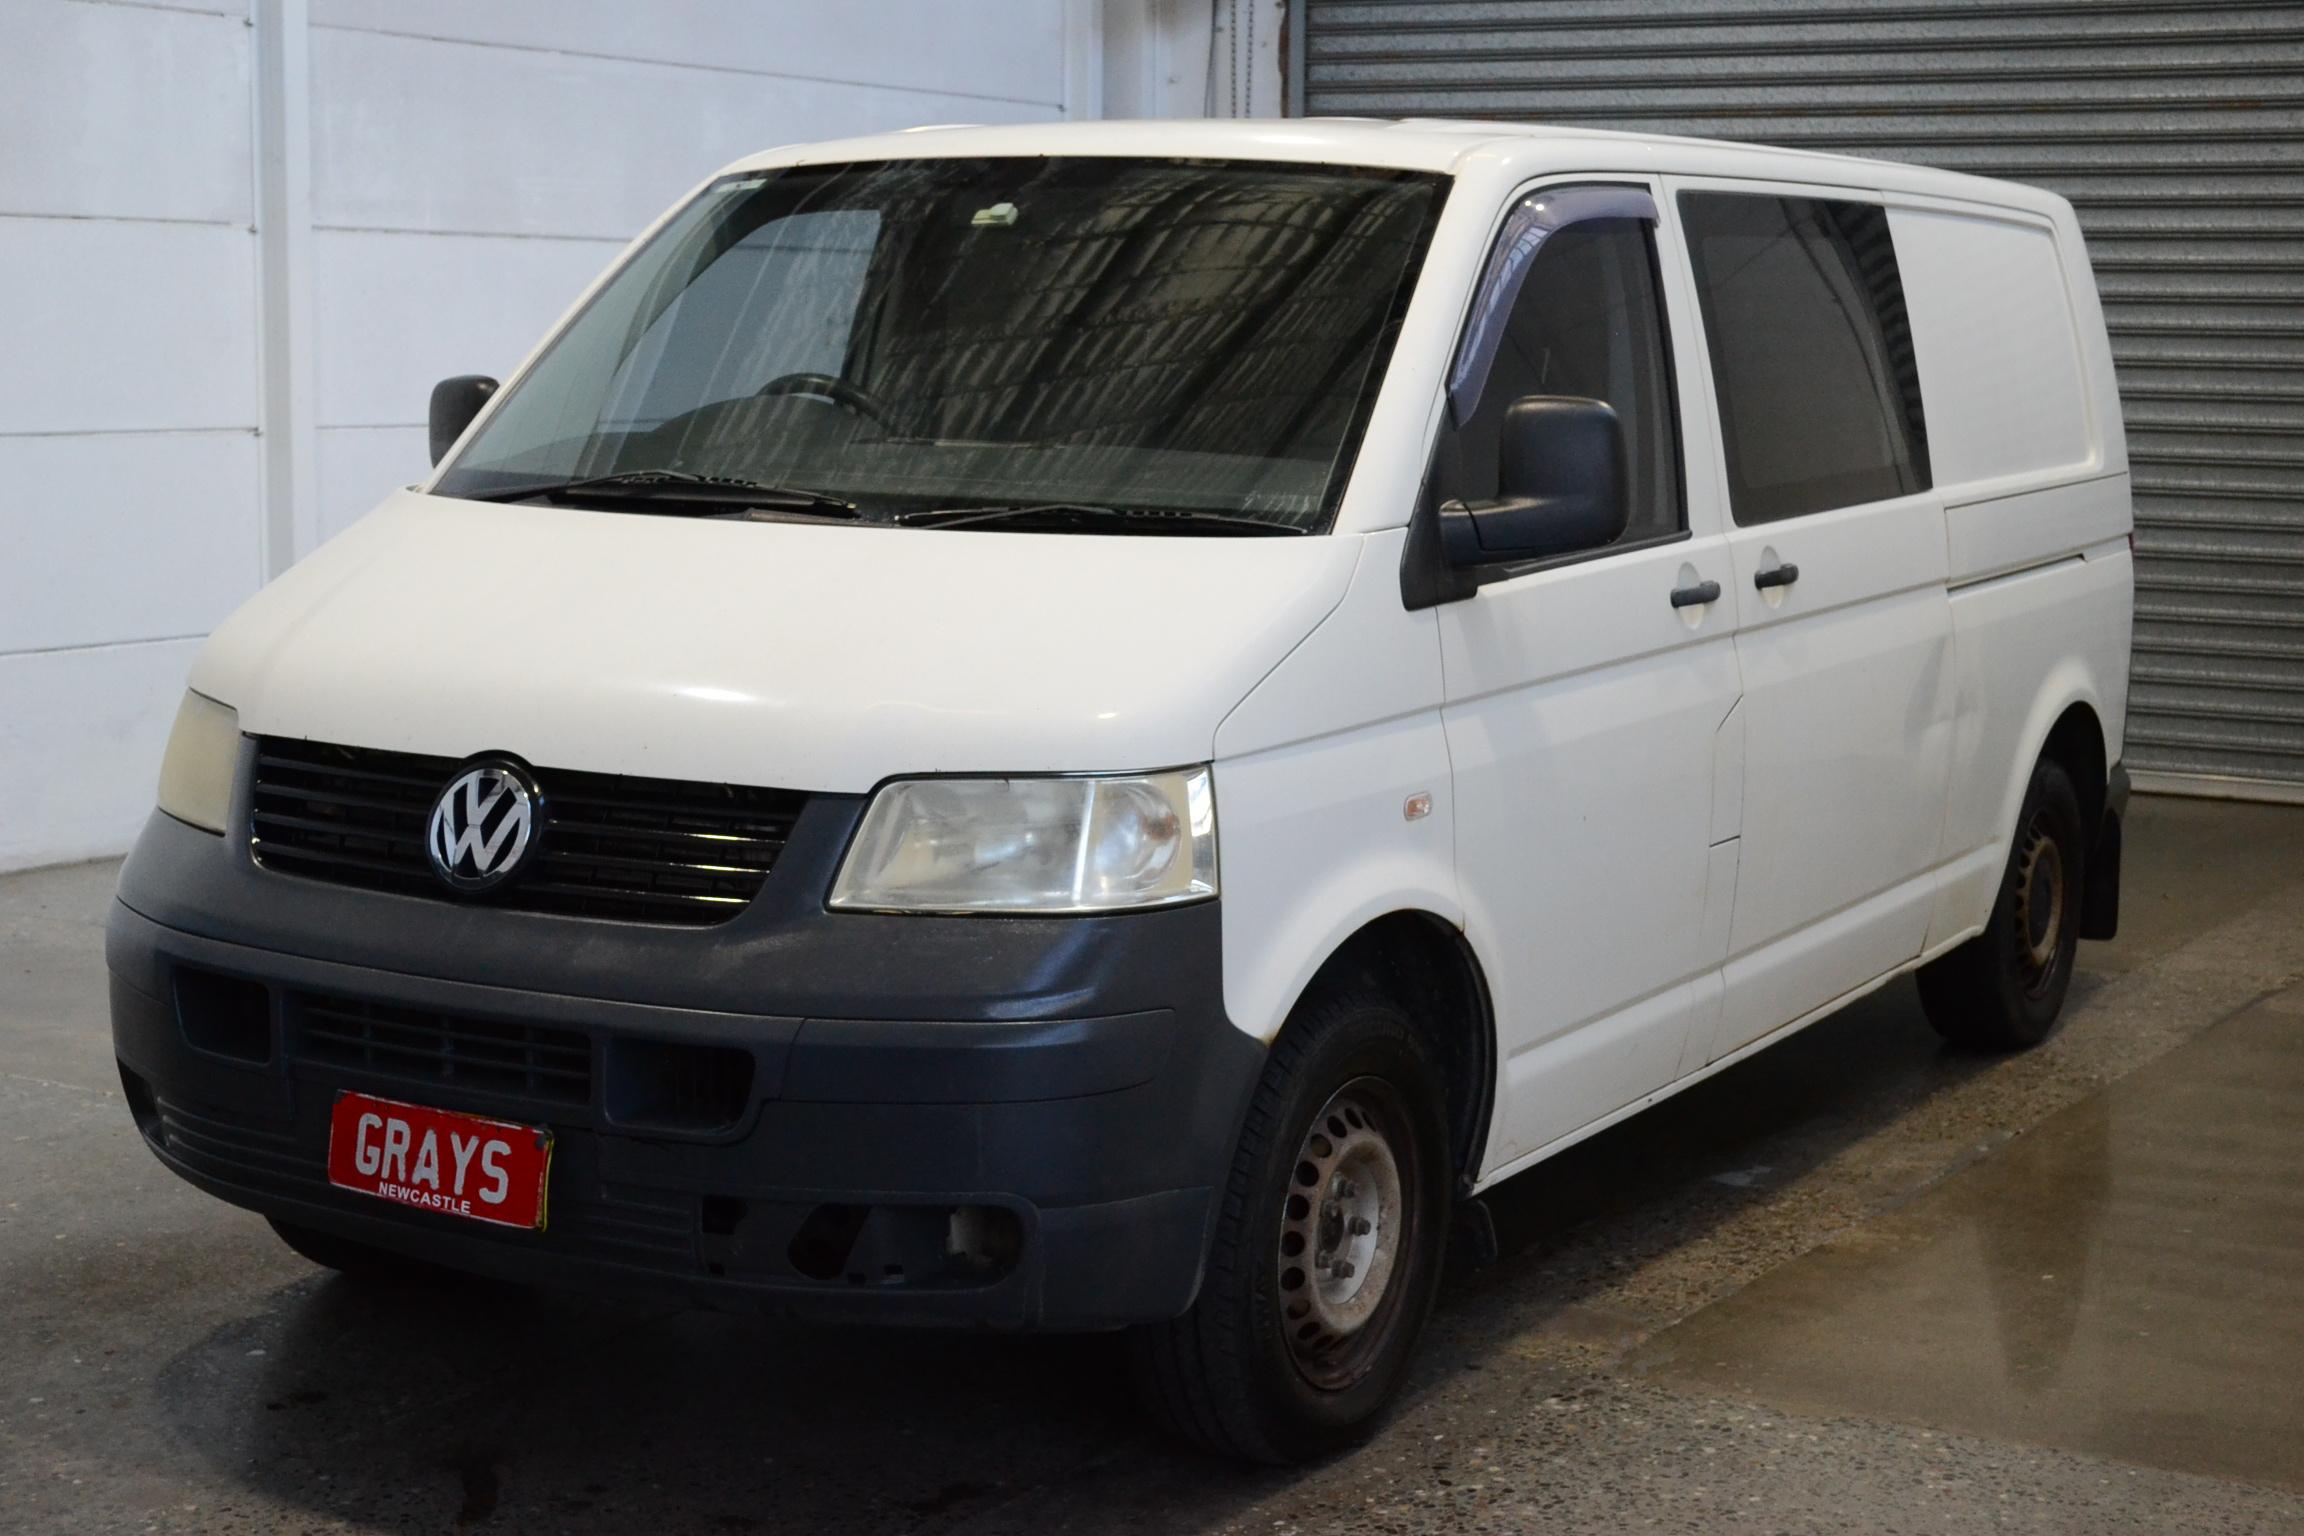 Volkswagen Transporter (LWB) T5 Turbo Diesel Automatic Van